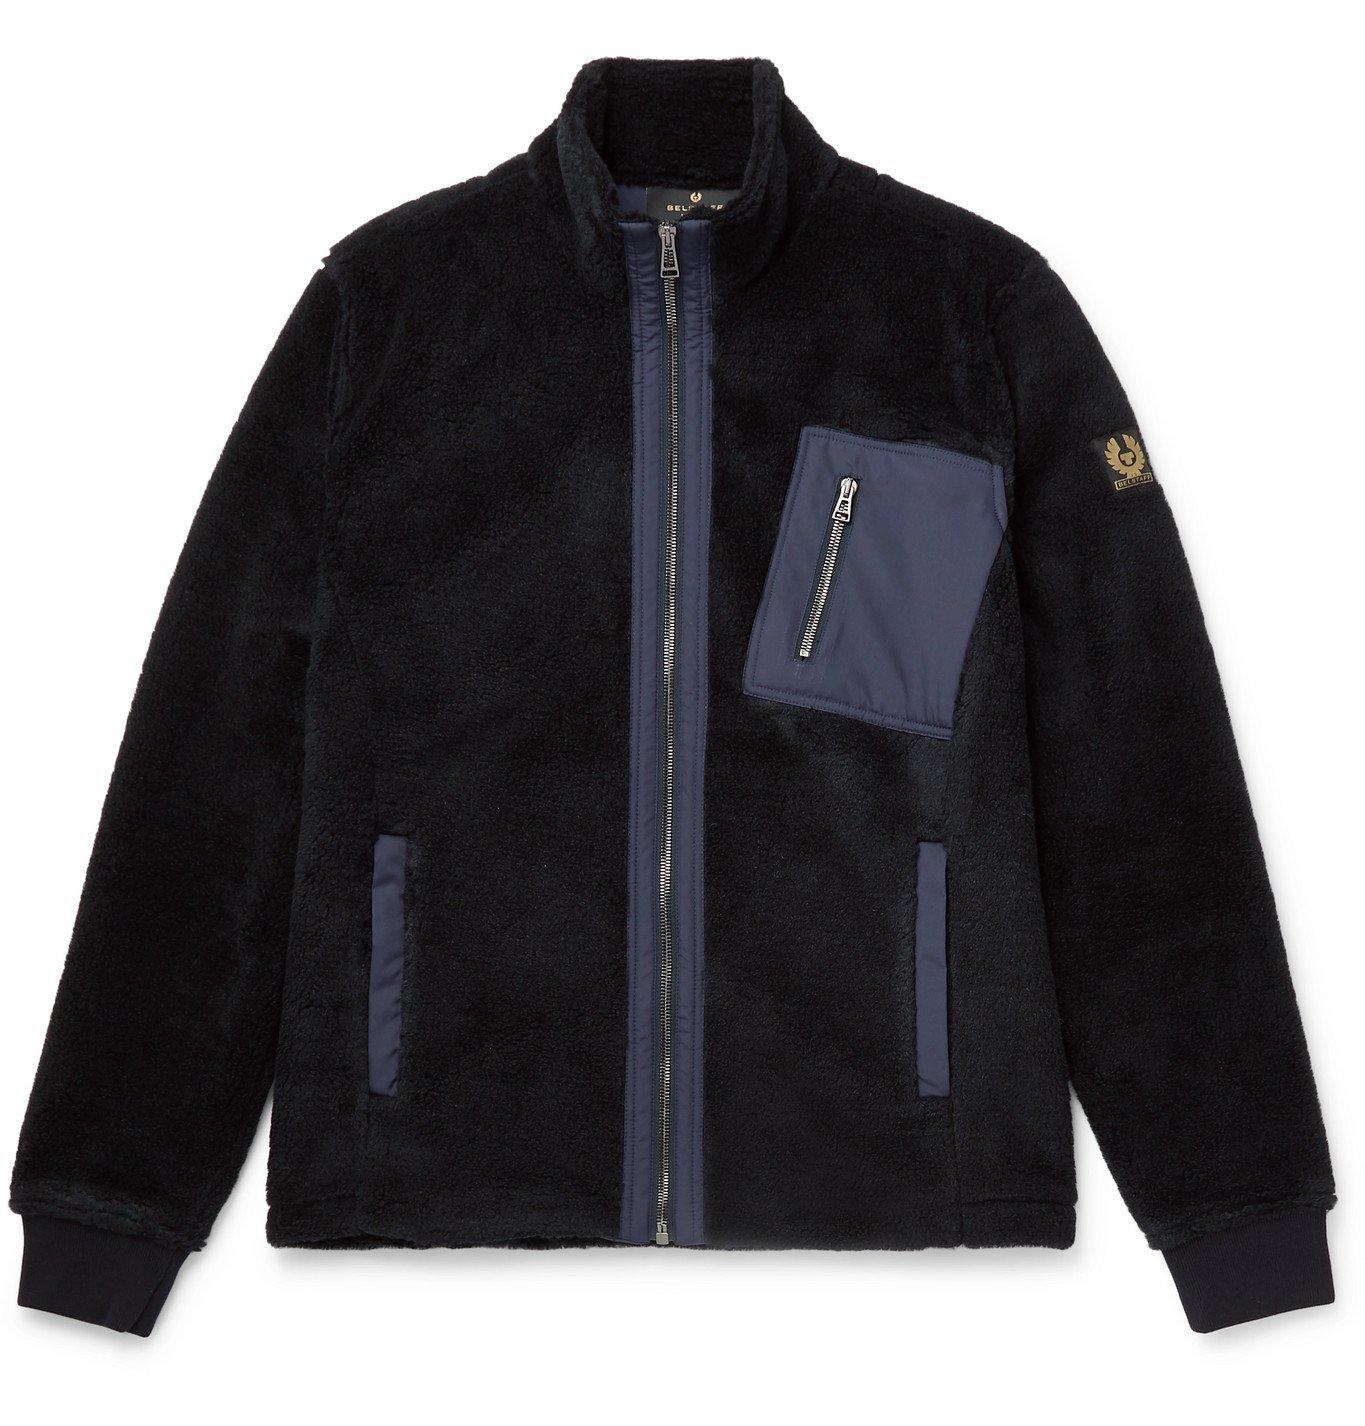 Belstaff - Herne Shell-Trimmed Fleece Jacket - Black